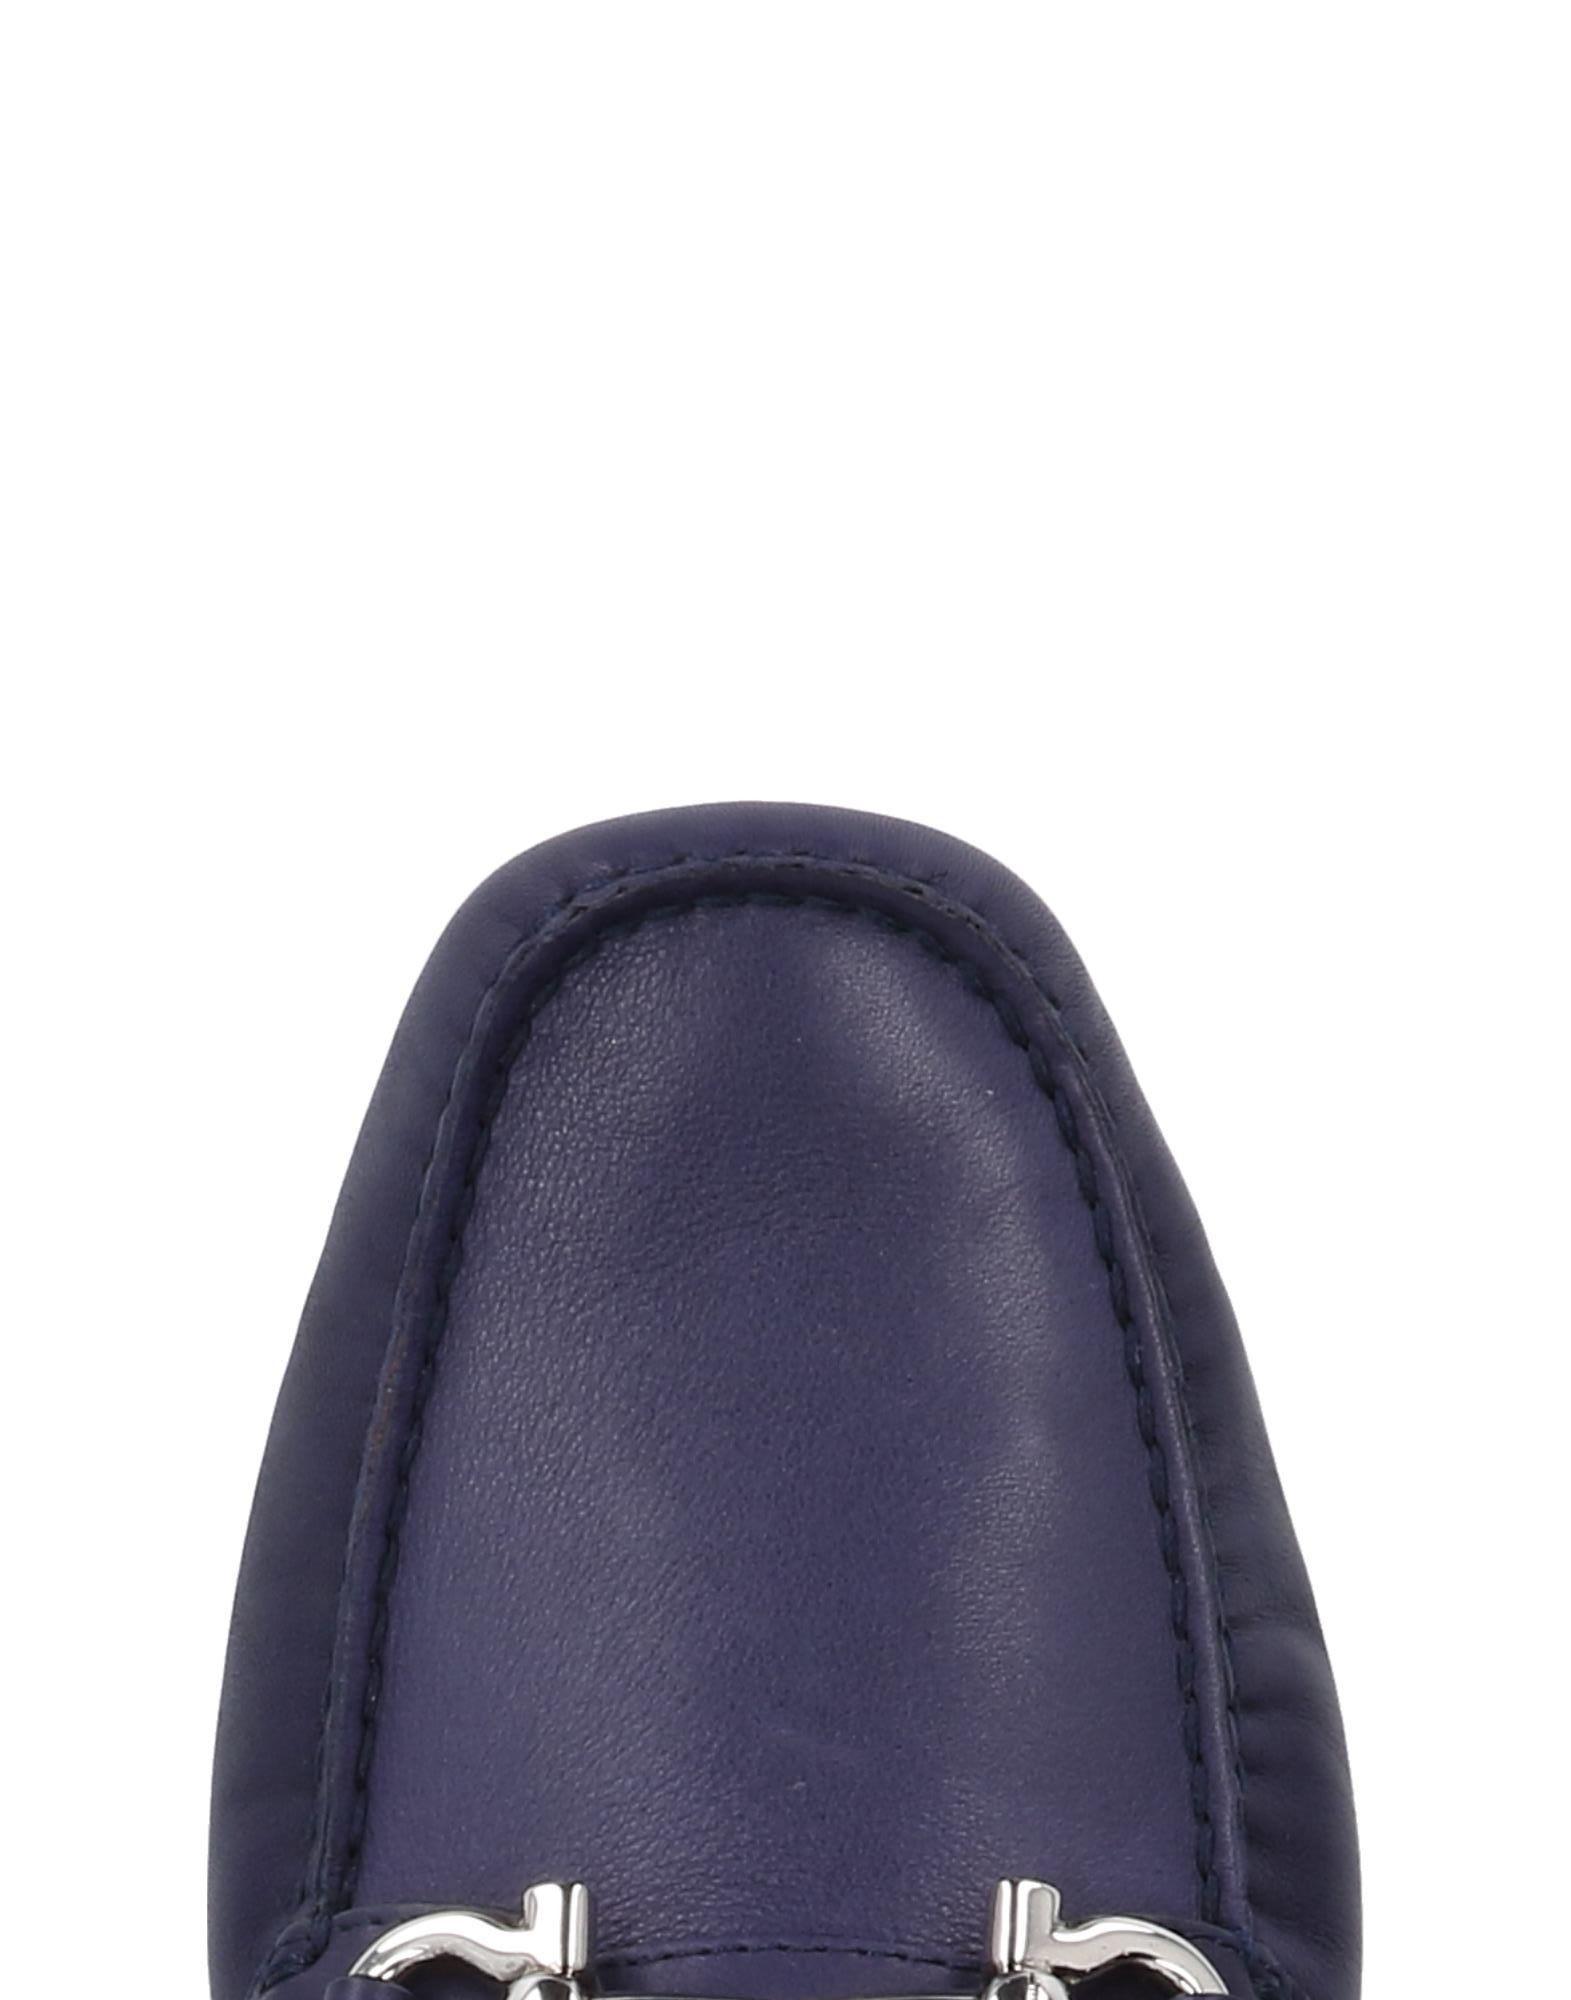 Salvatore Ferragamo Mokassins Damen  11491252PNGünstige gut aussehende Schuhe